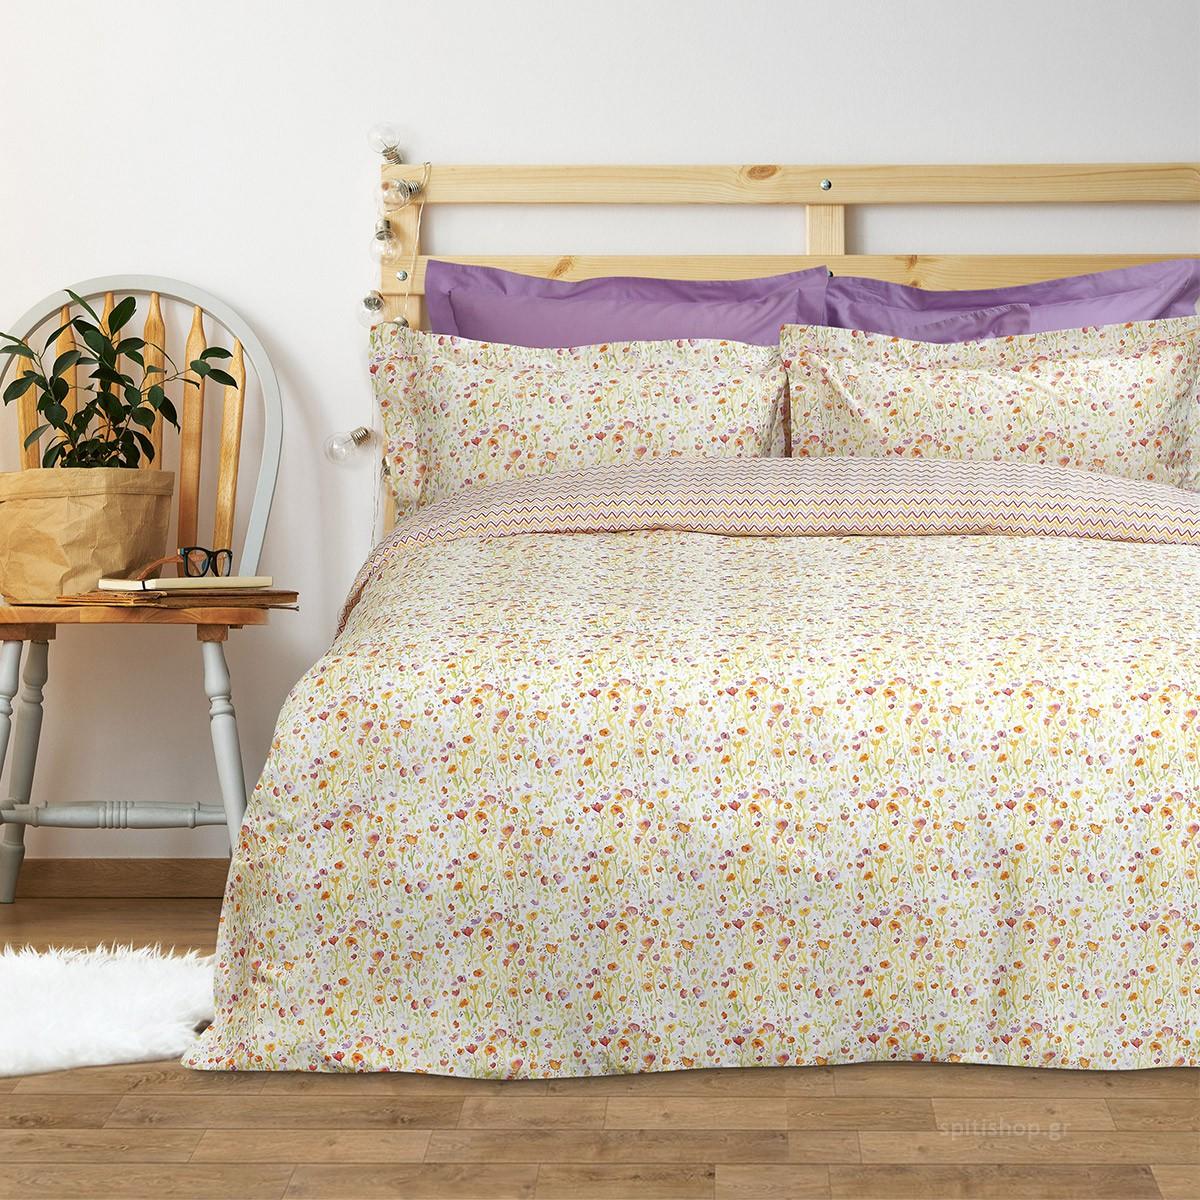 Κουβερλί Υπέρδιπλο Das Home Happy Line Prints 9411 home   κρεβατοκάμαρα   κουβερλί   κουβερλί υπέρδιπλα